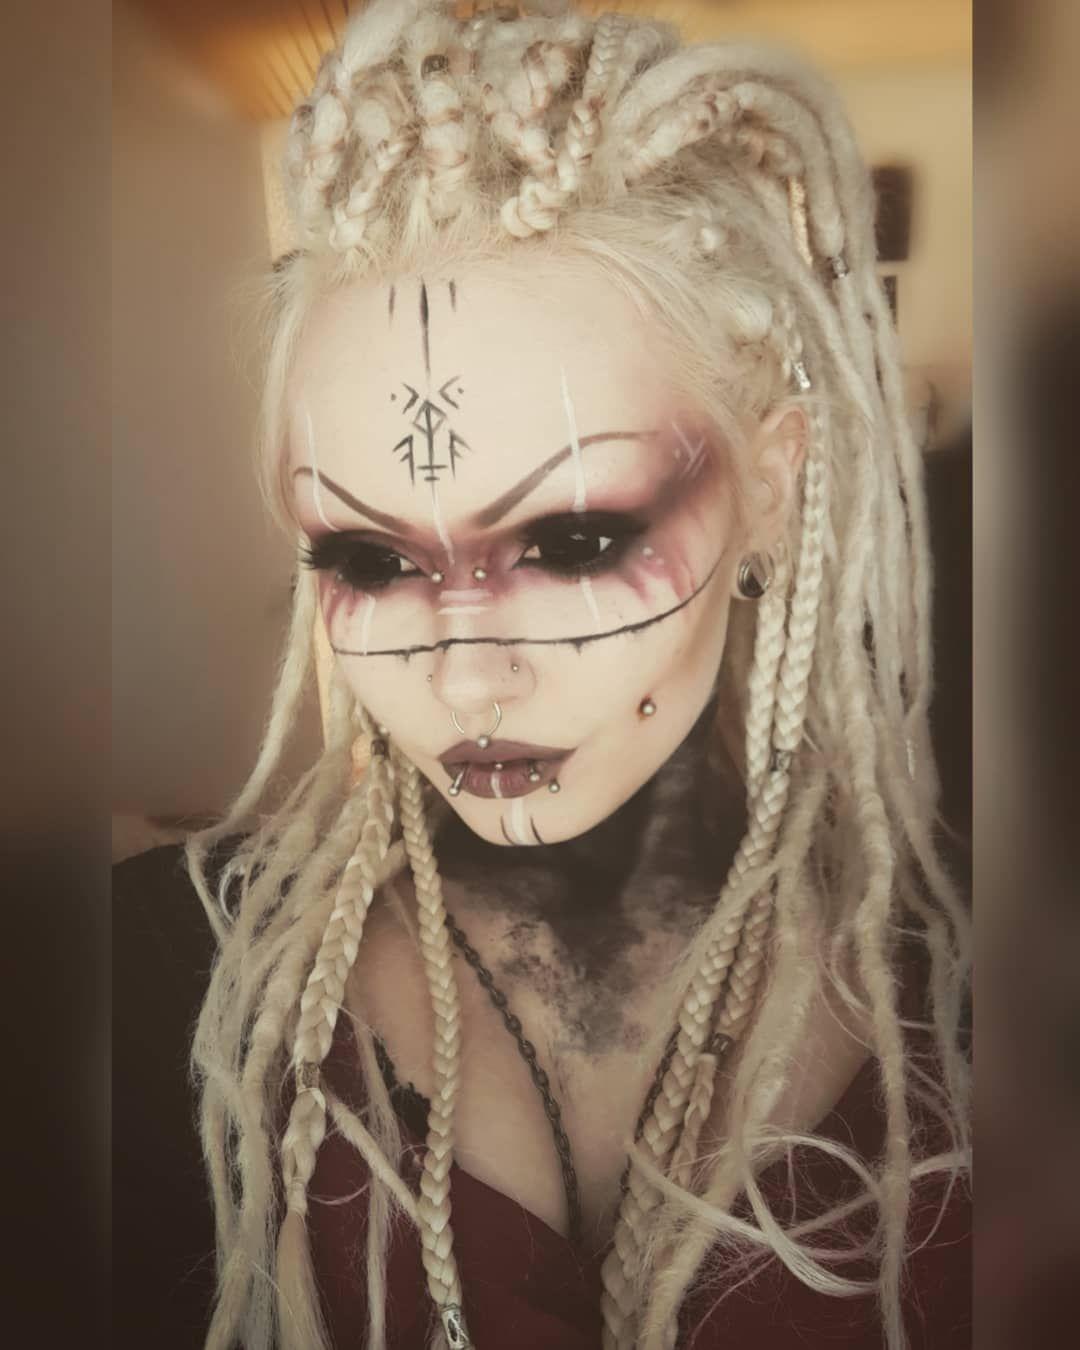 """Xelanah en Instagram: """"Publicaré algo nuevo lo antes posible, lo prometo"""". ¿Cuál es tu banda favorita? 🎶. . . # gótico # gótico # pagano # pagano # pagano … """""""